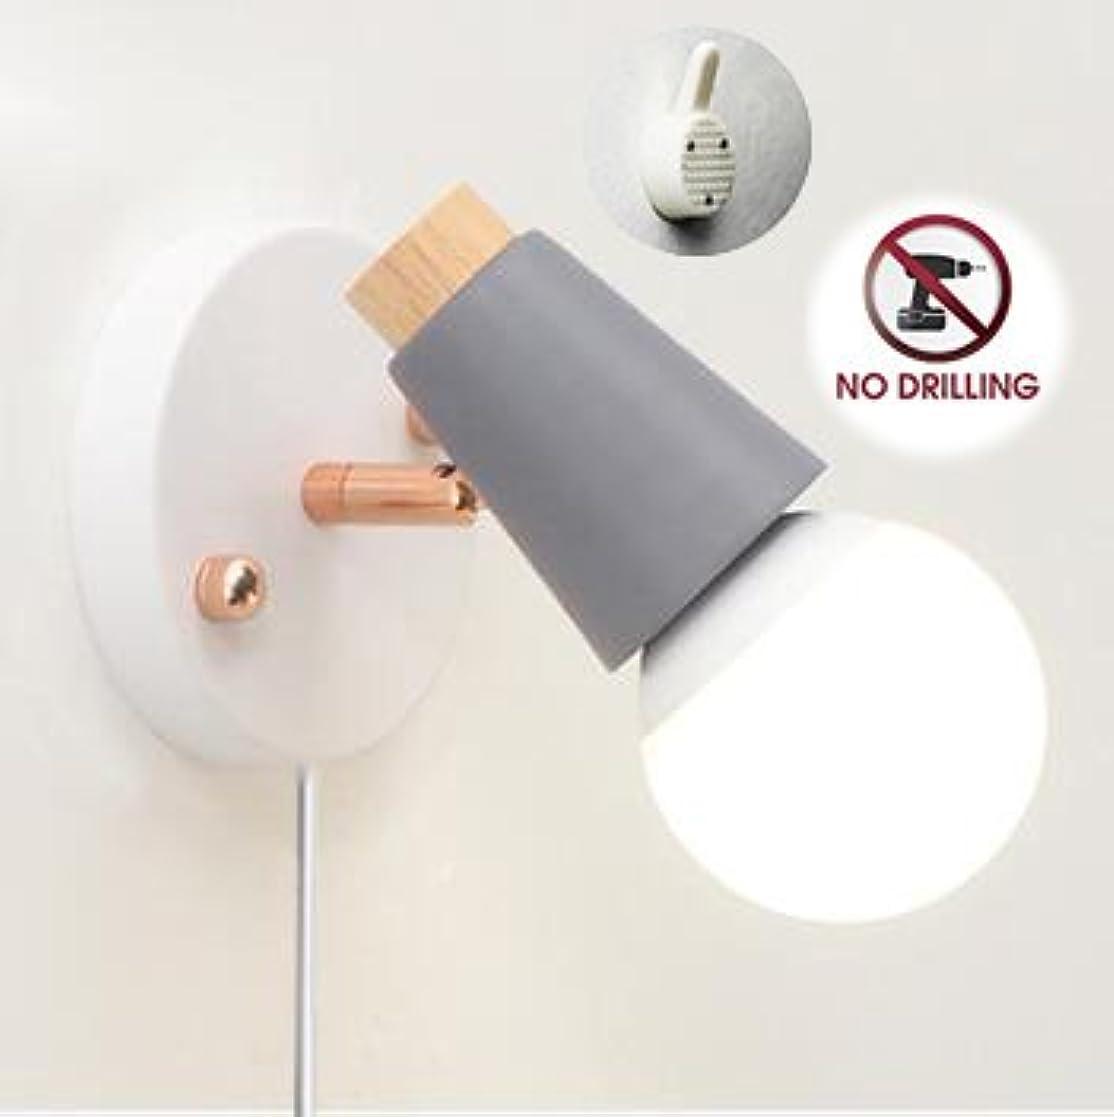 深く資金夢STGLED ブラケットライト コンセント式 ON/OFFスイッチ付き 壁取付ランプ 壁掛けフックにて固定 穴あけ不要 アンティーク調 レトロ おしゃれ ウォールライト インテリア照明 LED対応 グレー